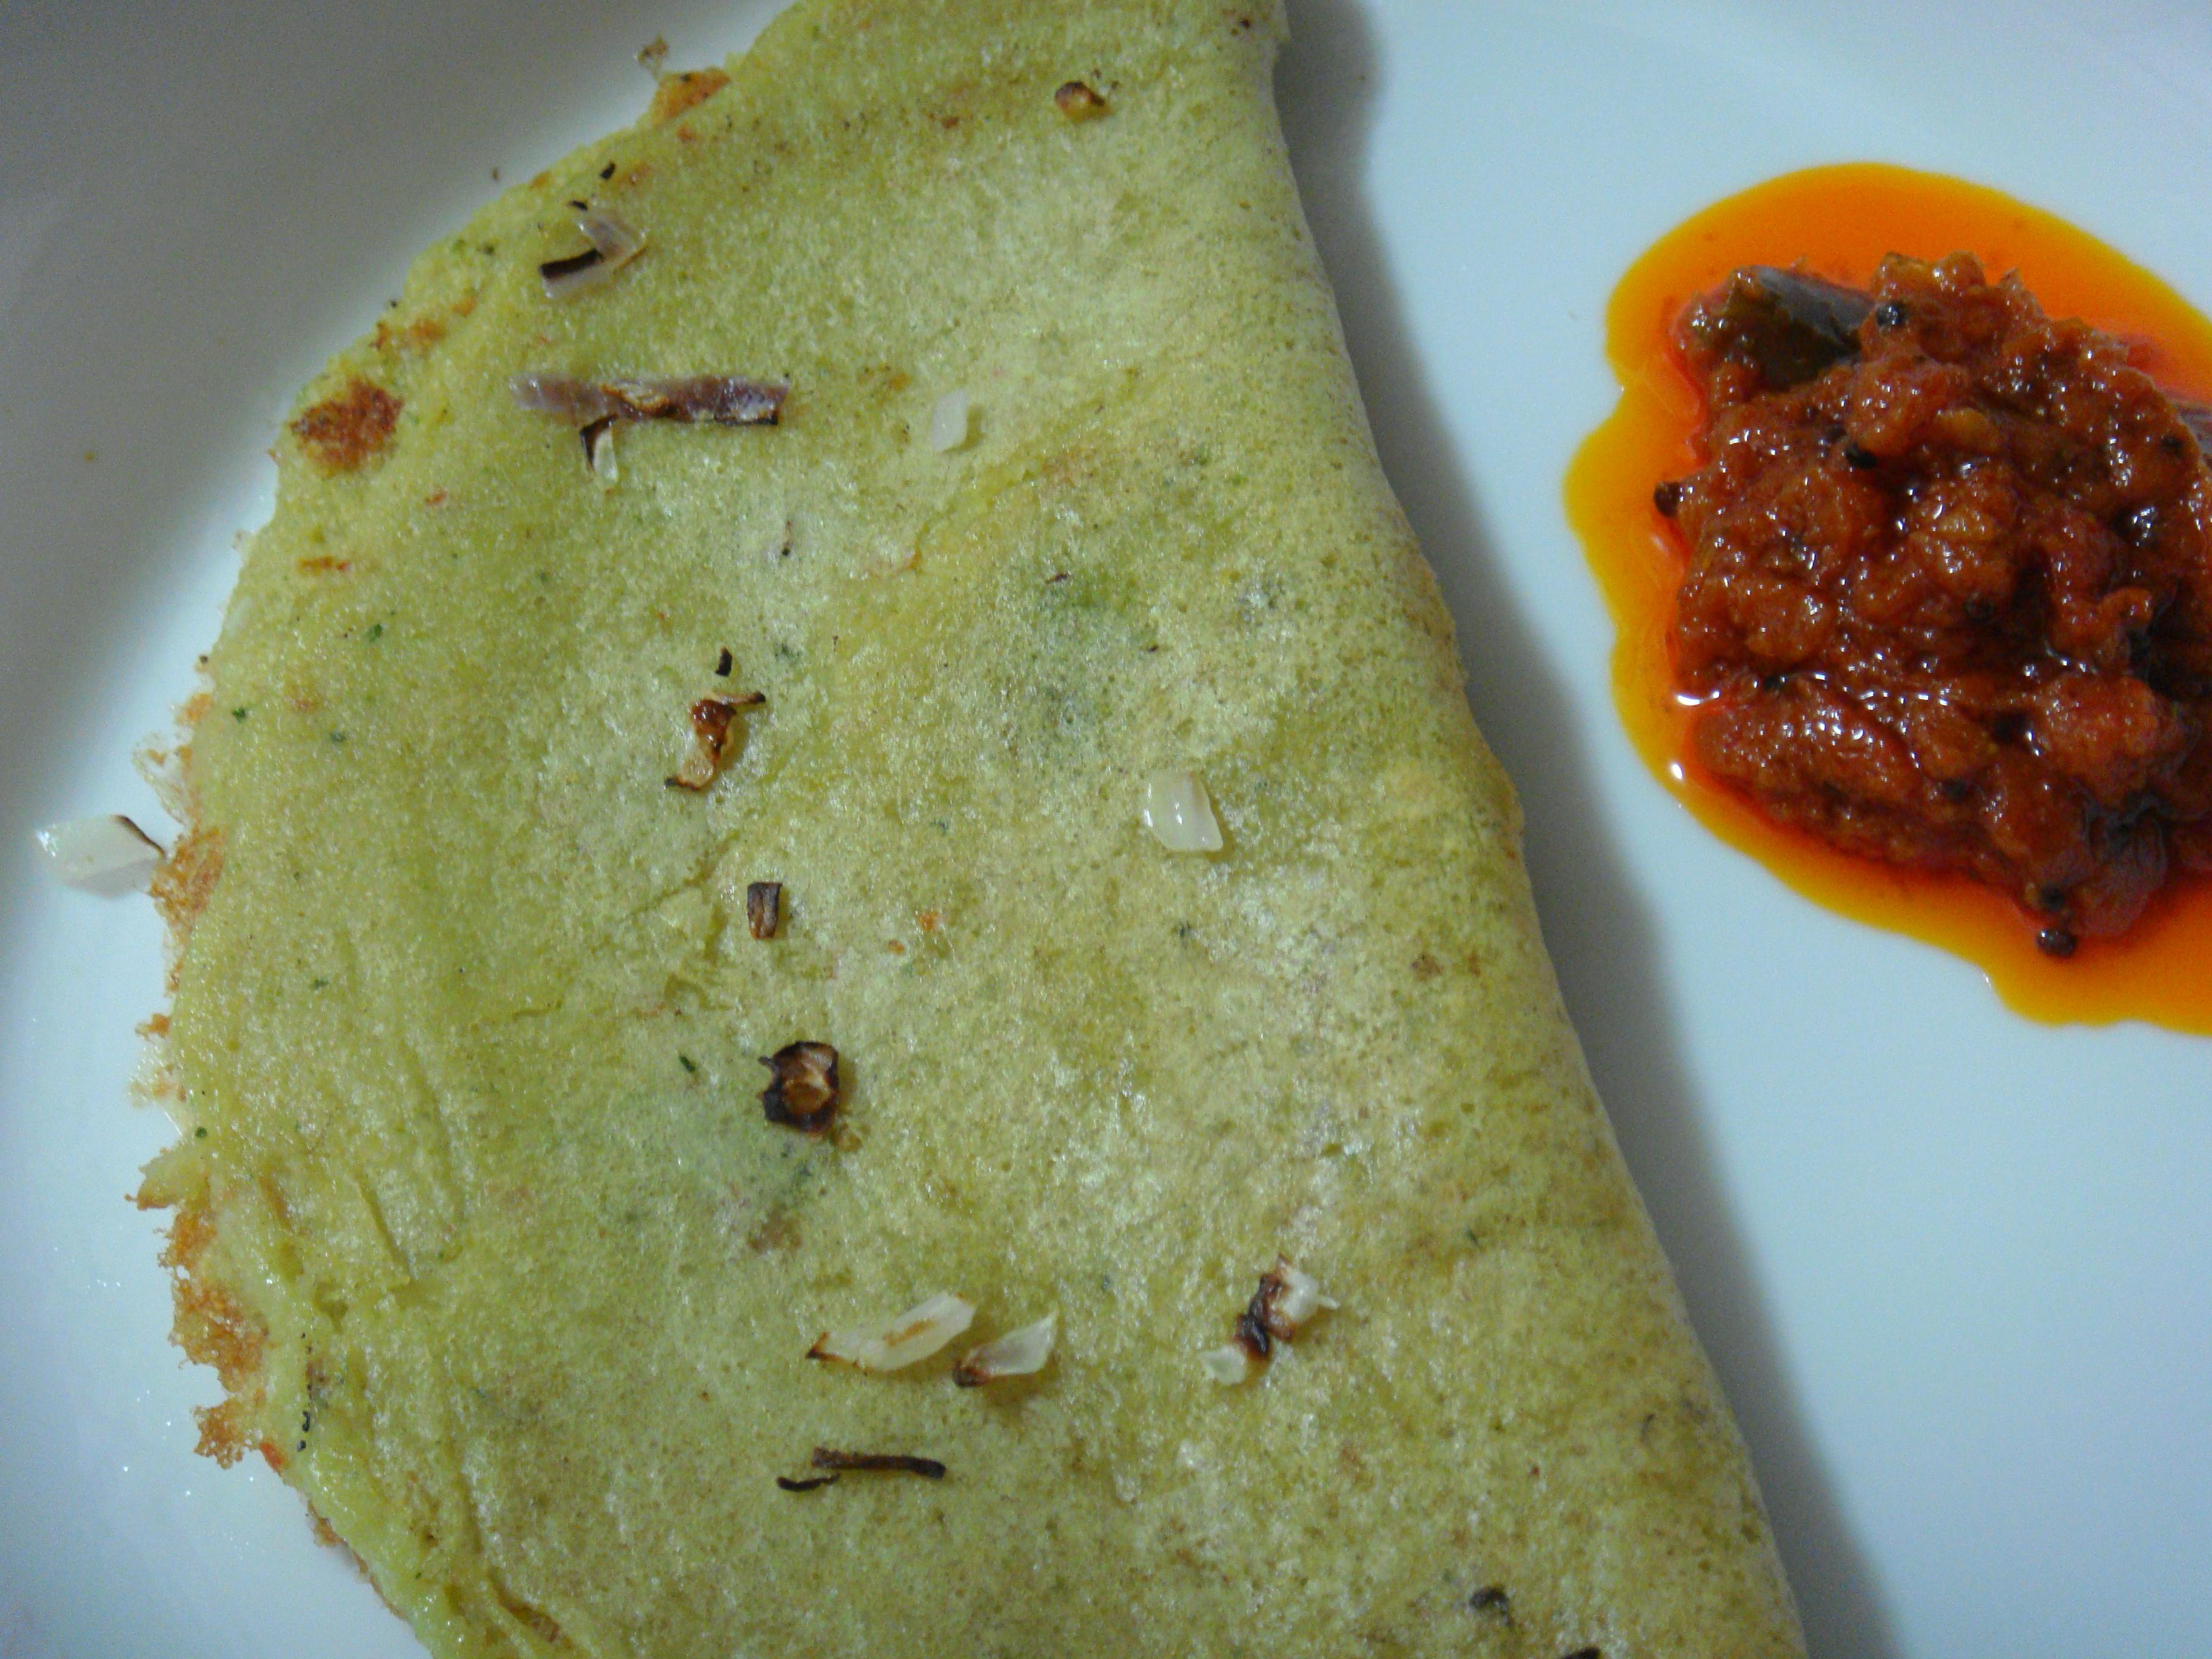 Onion,Oats and flax Adai with Tomato Thokku.